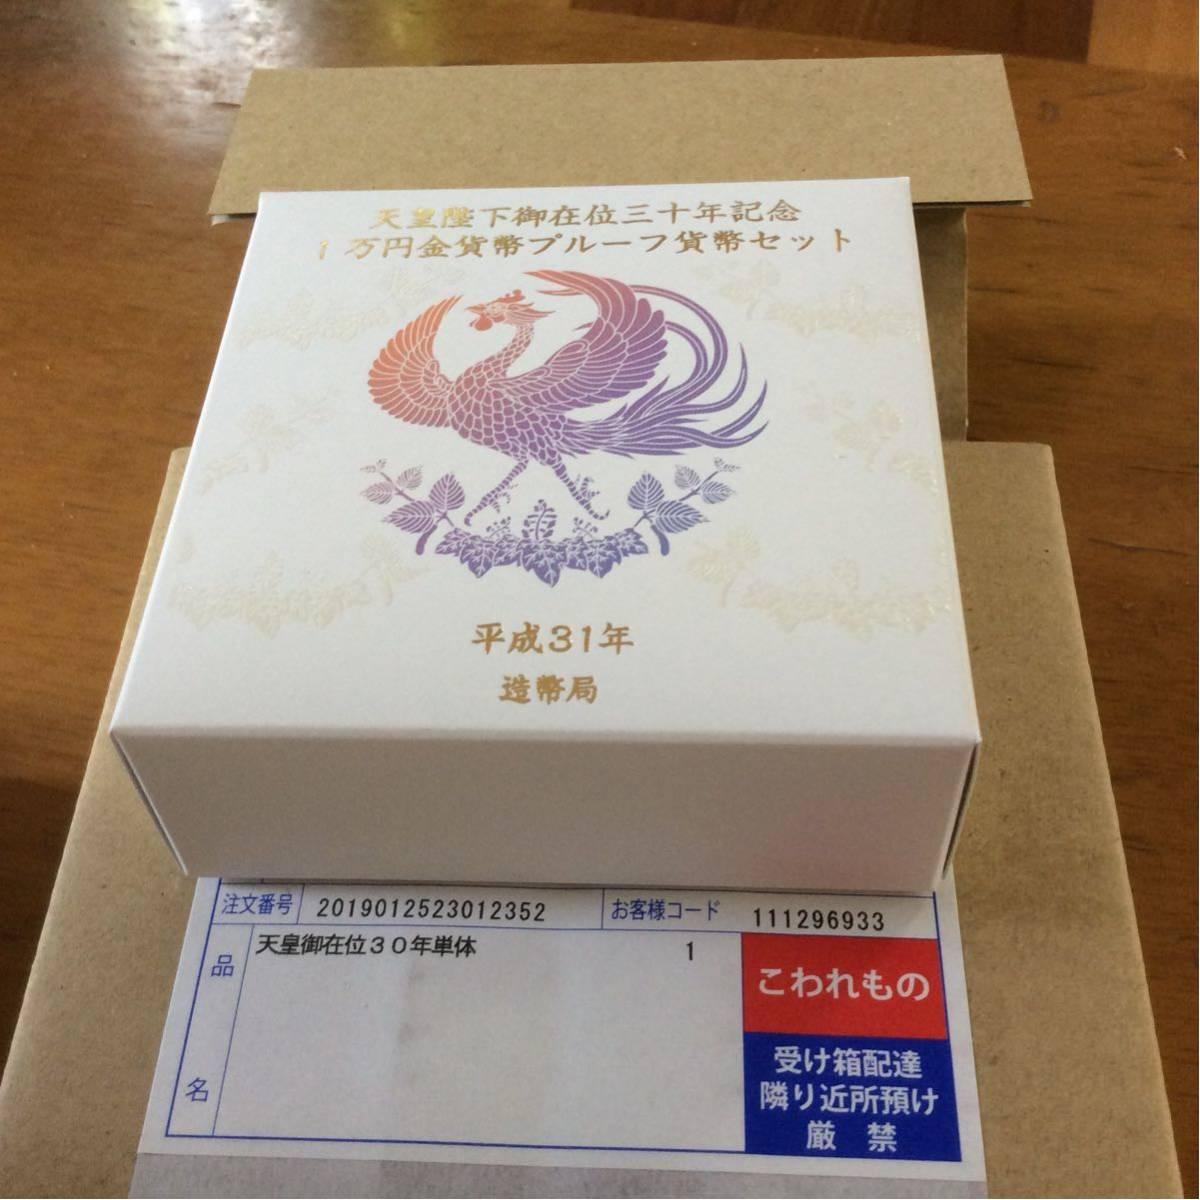 天皇陛下御在位30年記念金貨セットプルーフ貨幣セット一万円記念金貨セット_画像8